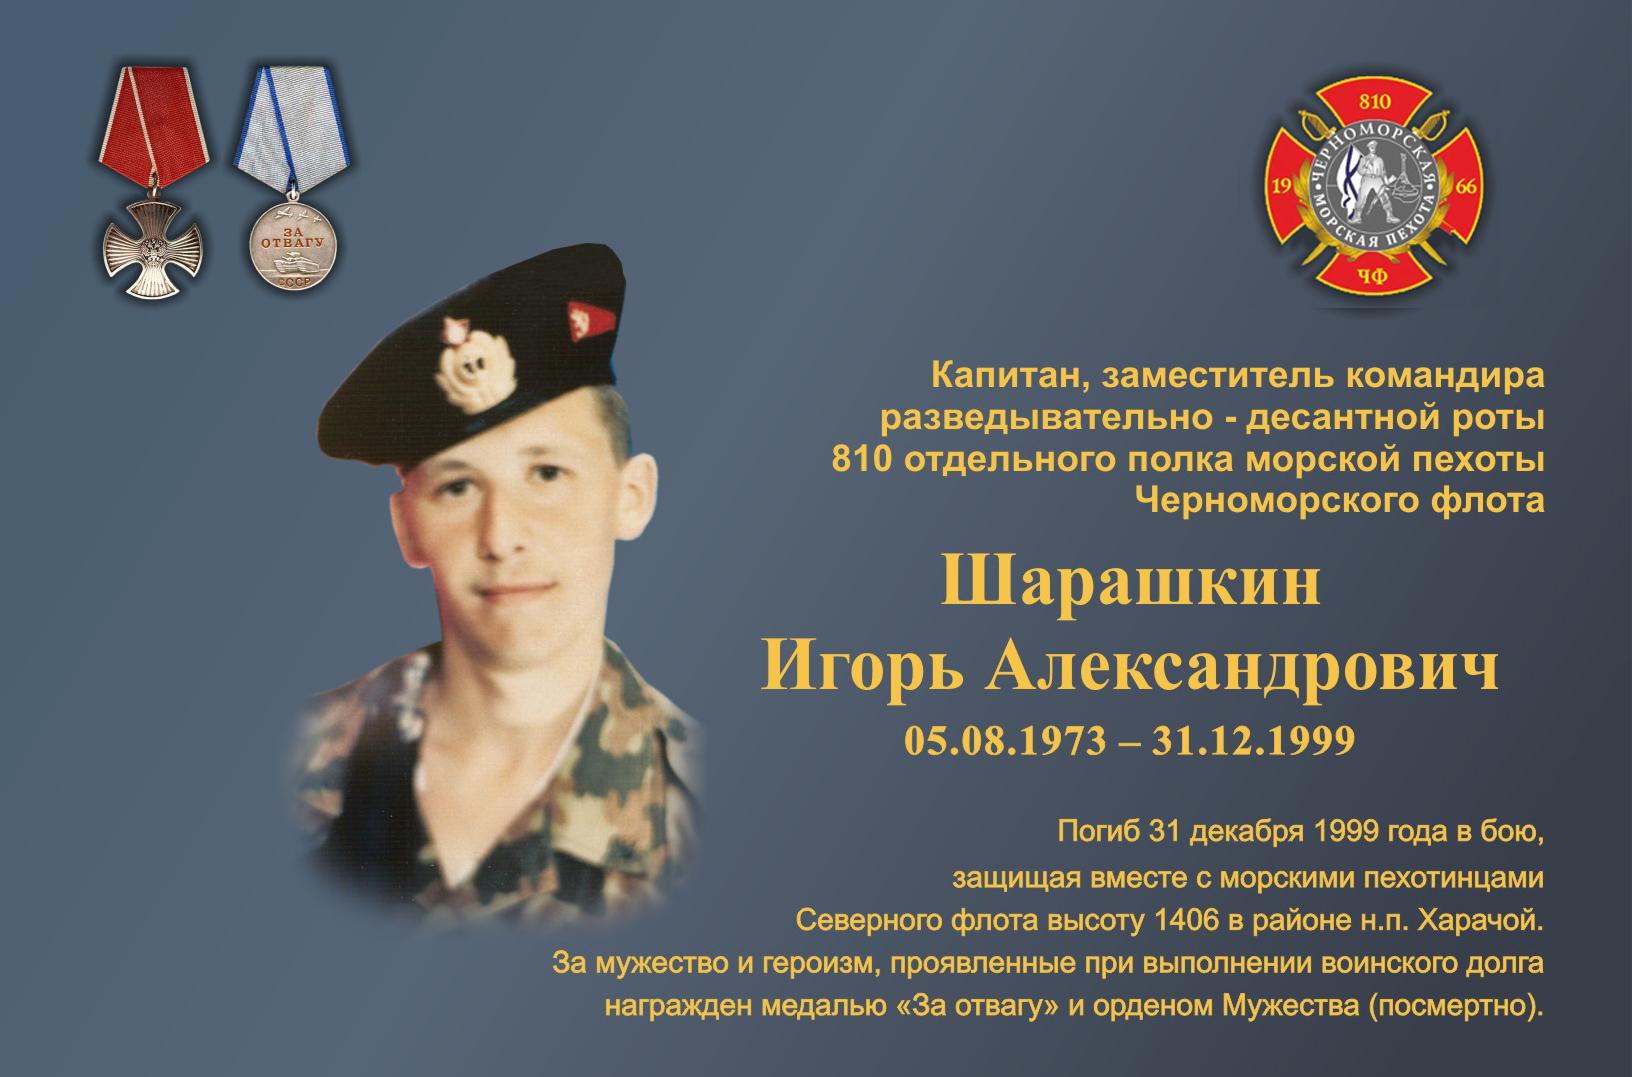 h-1960 Фотографии морских пехотинцев погибших в локальных конфликтах - Независимый проект =Морская Пехота России=